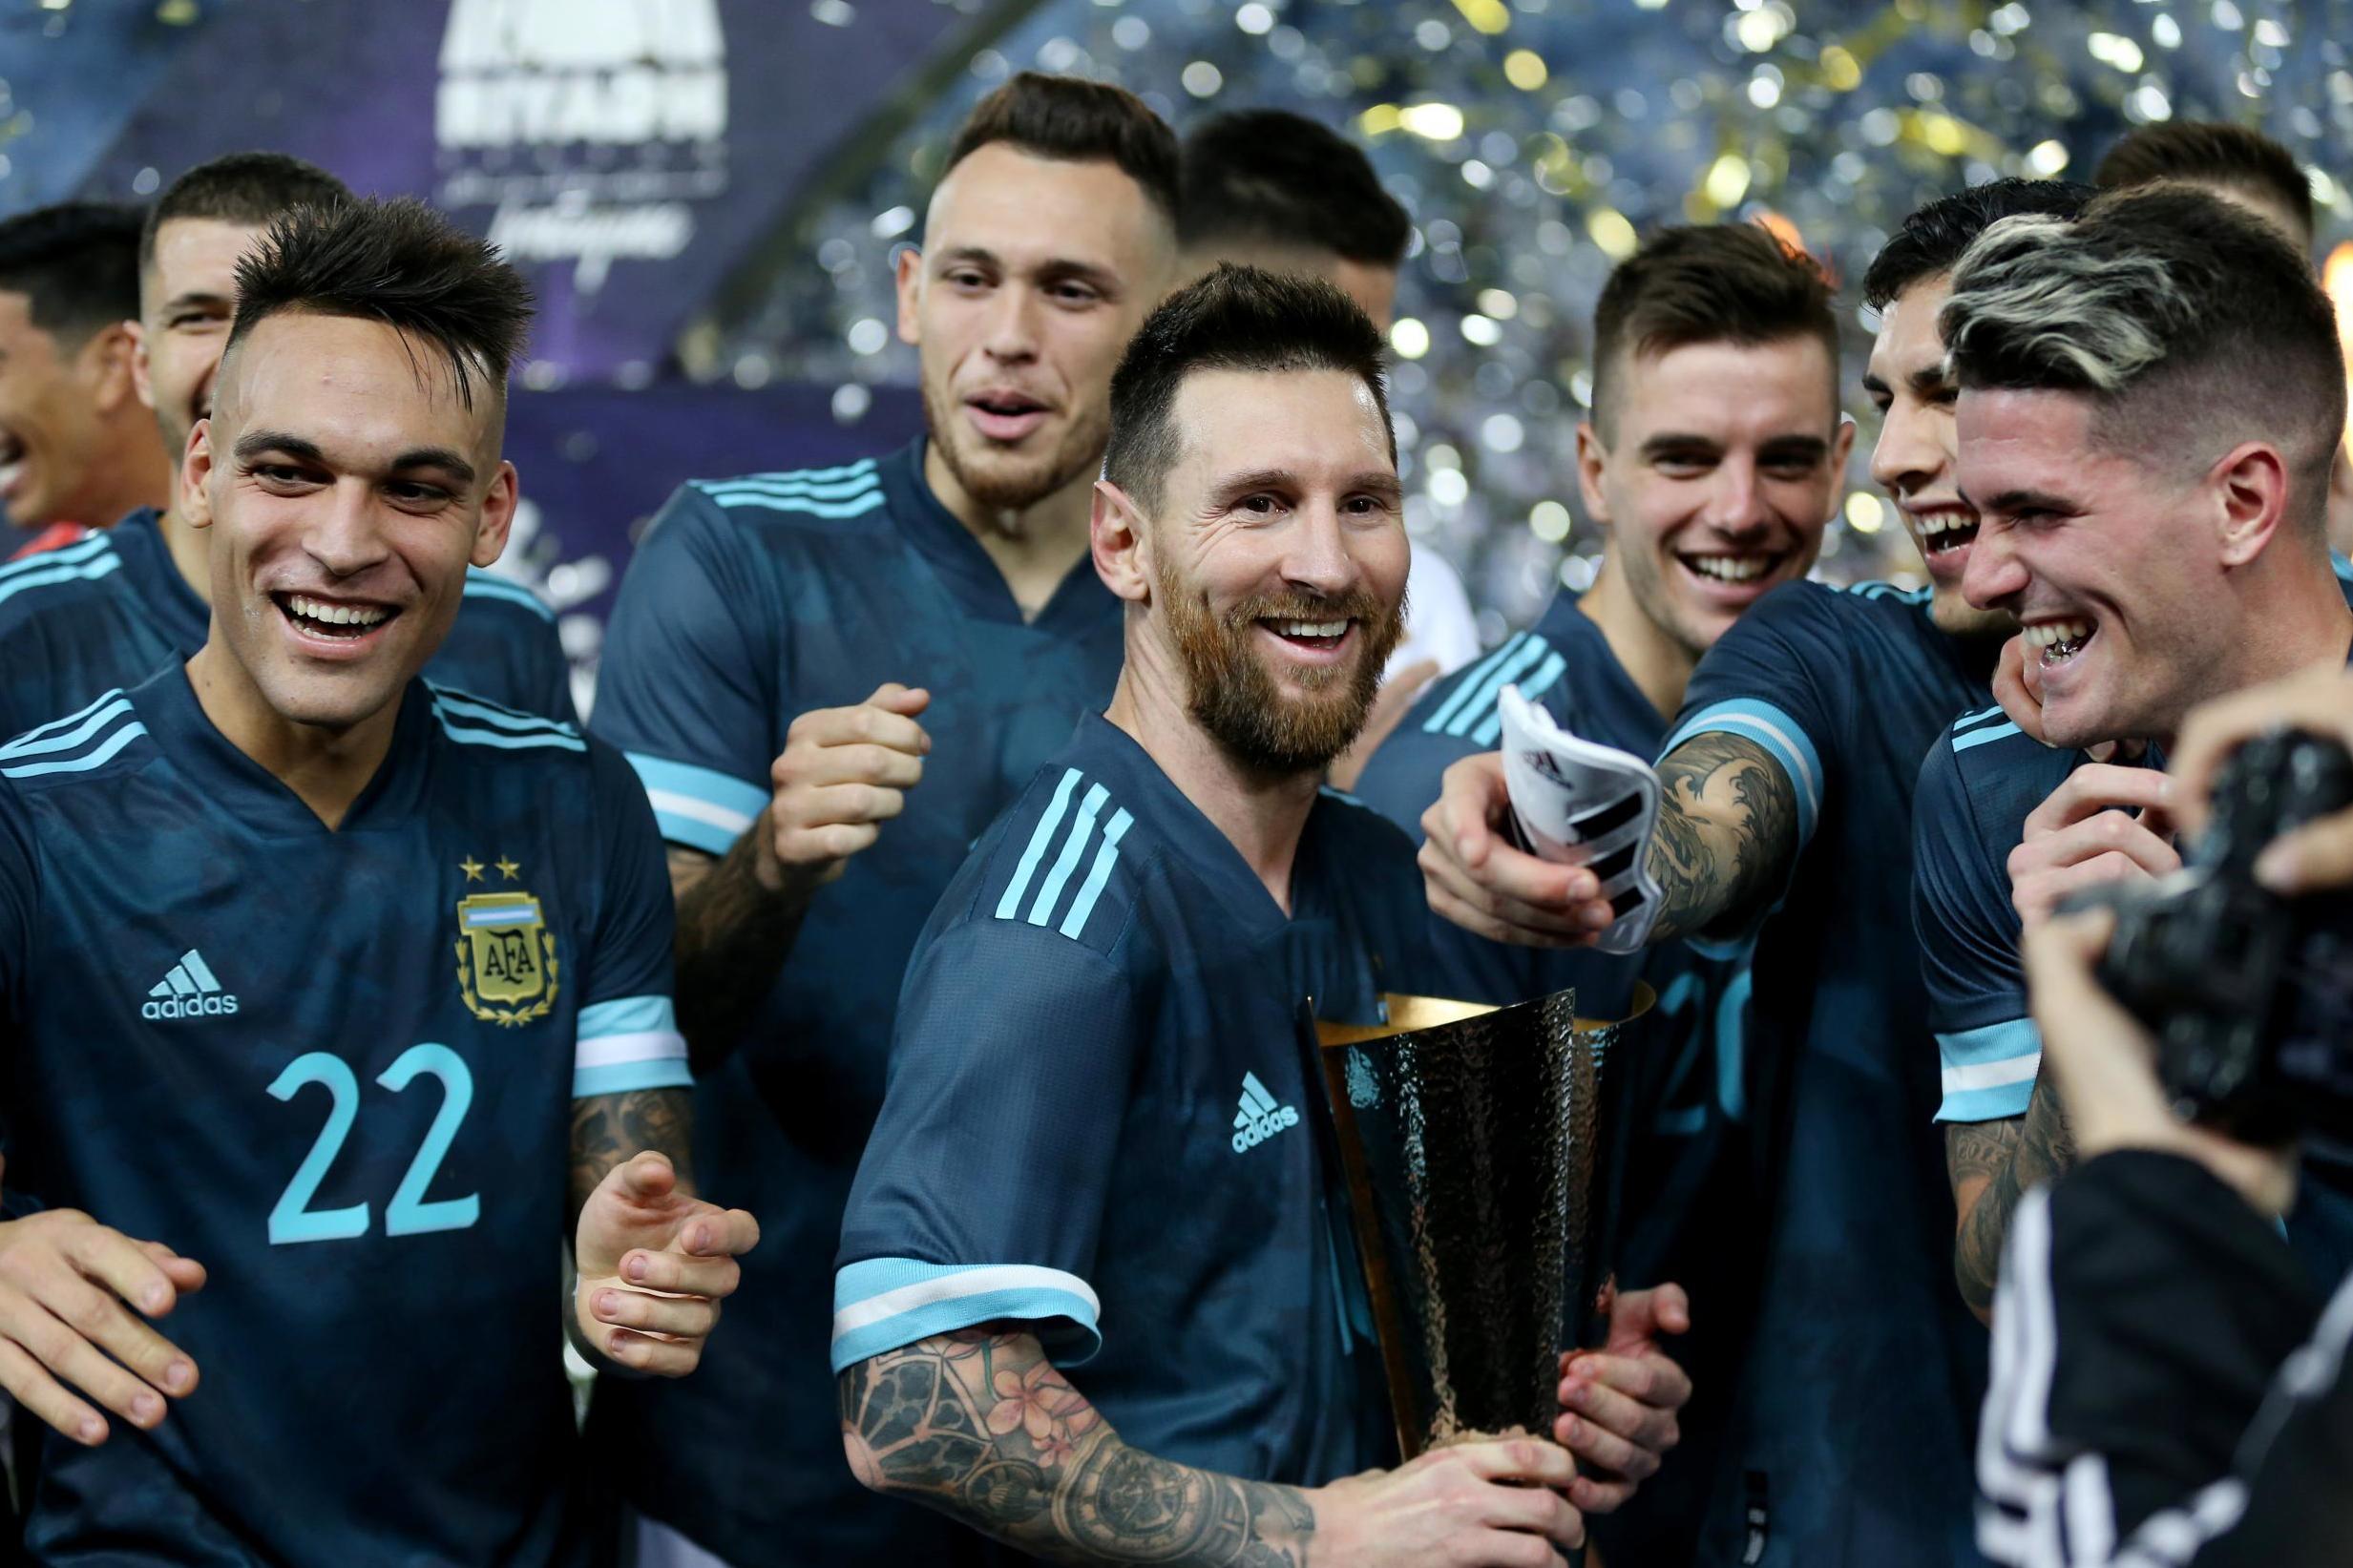 Մեսսի․ Միշտ էլ հաճելի է հաղթել Բրազիլիային